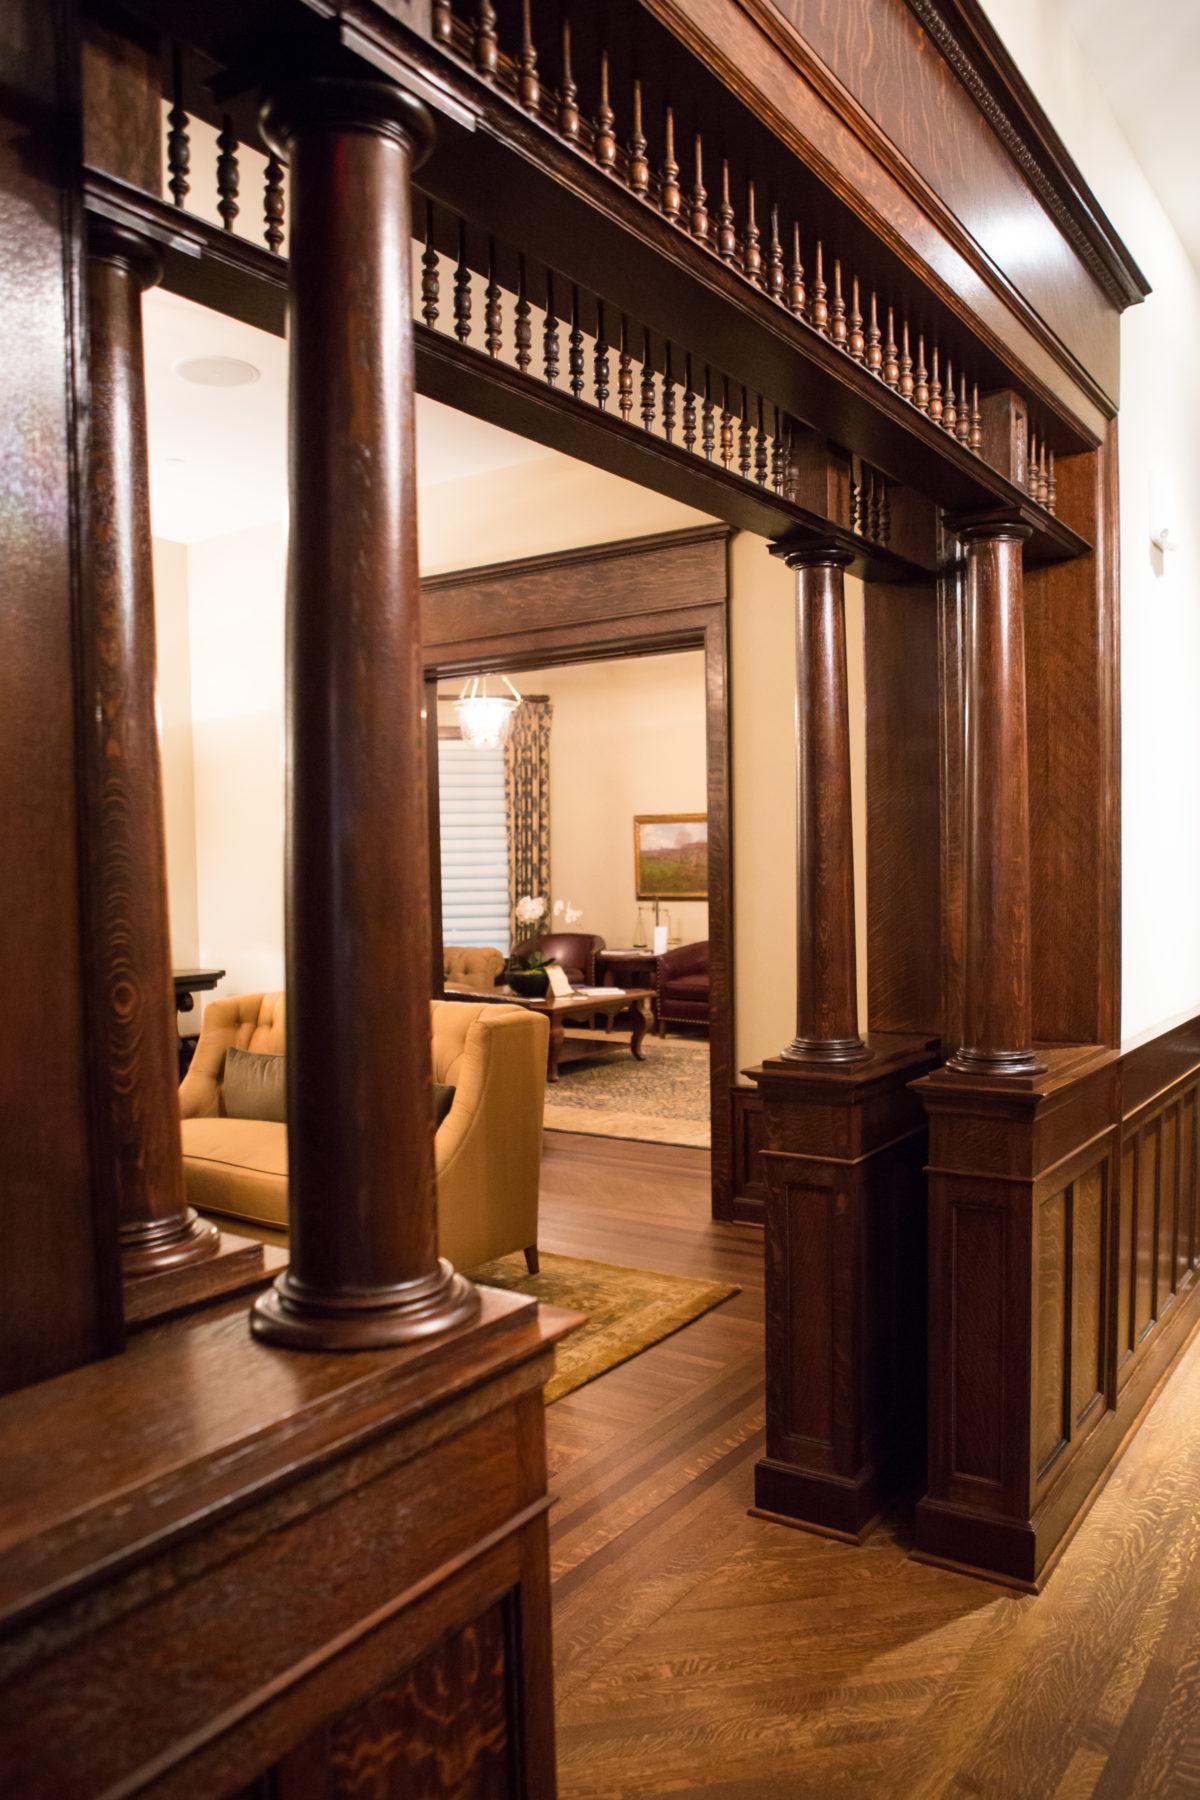 1st Floor pocket doors at Barrington's White House